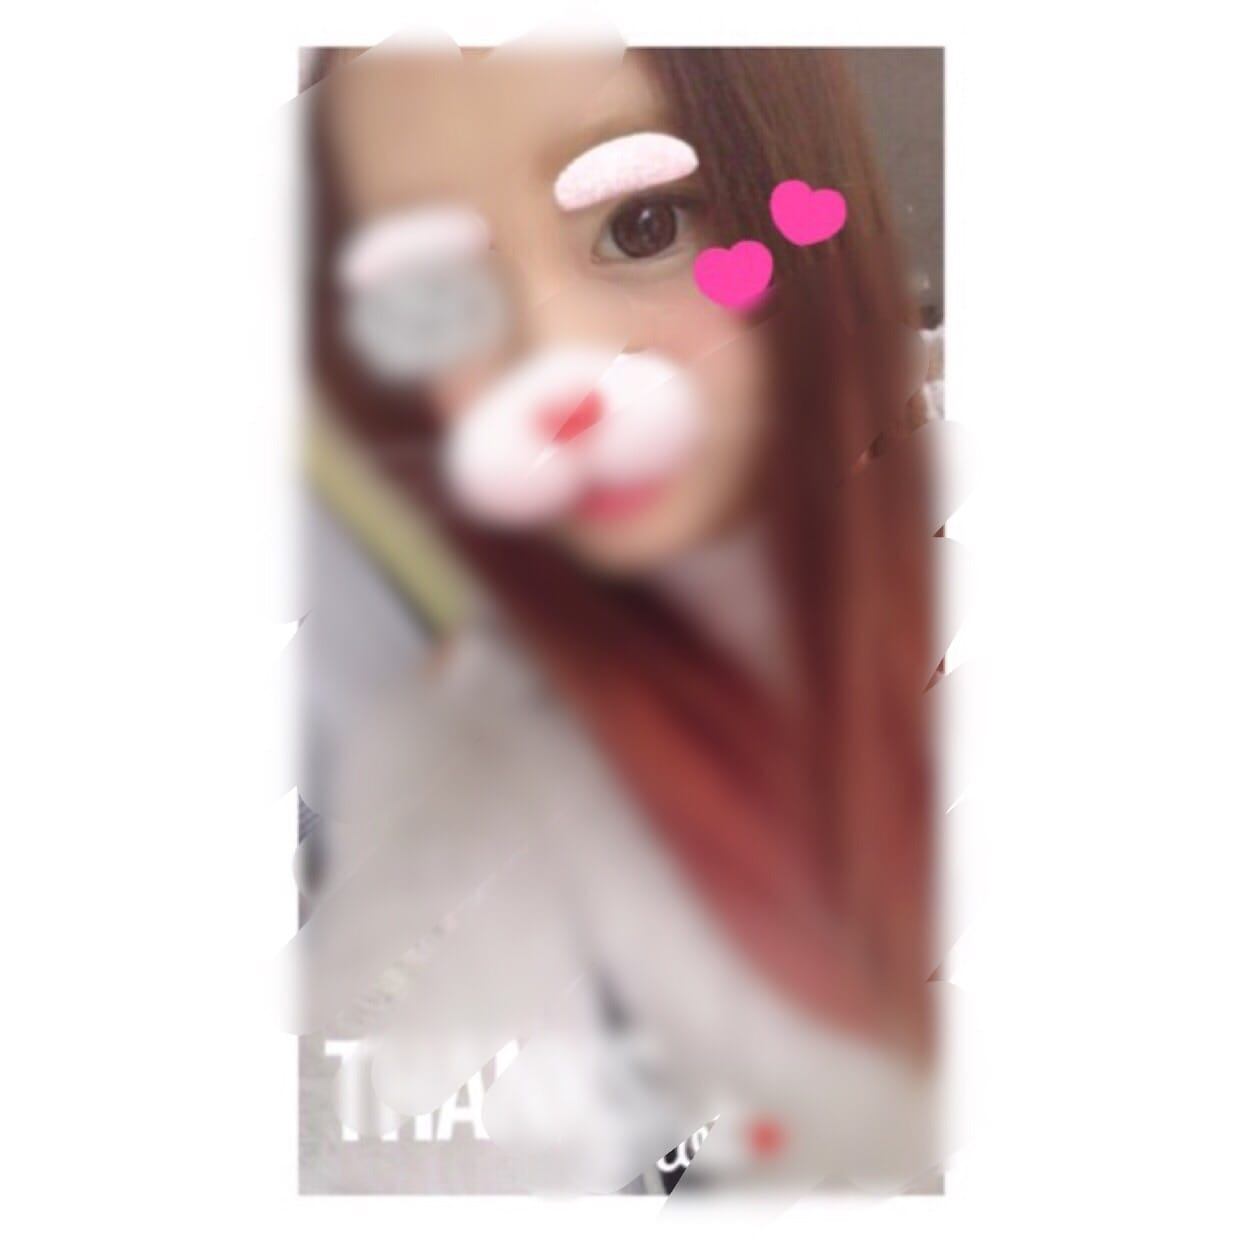 「ありがとう」04/27(04/27) 20:21 | Belle(べる)の写メ・風俗動画